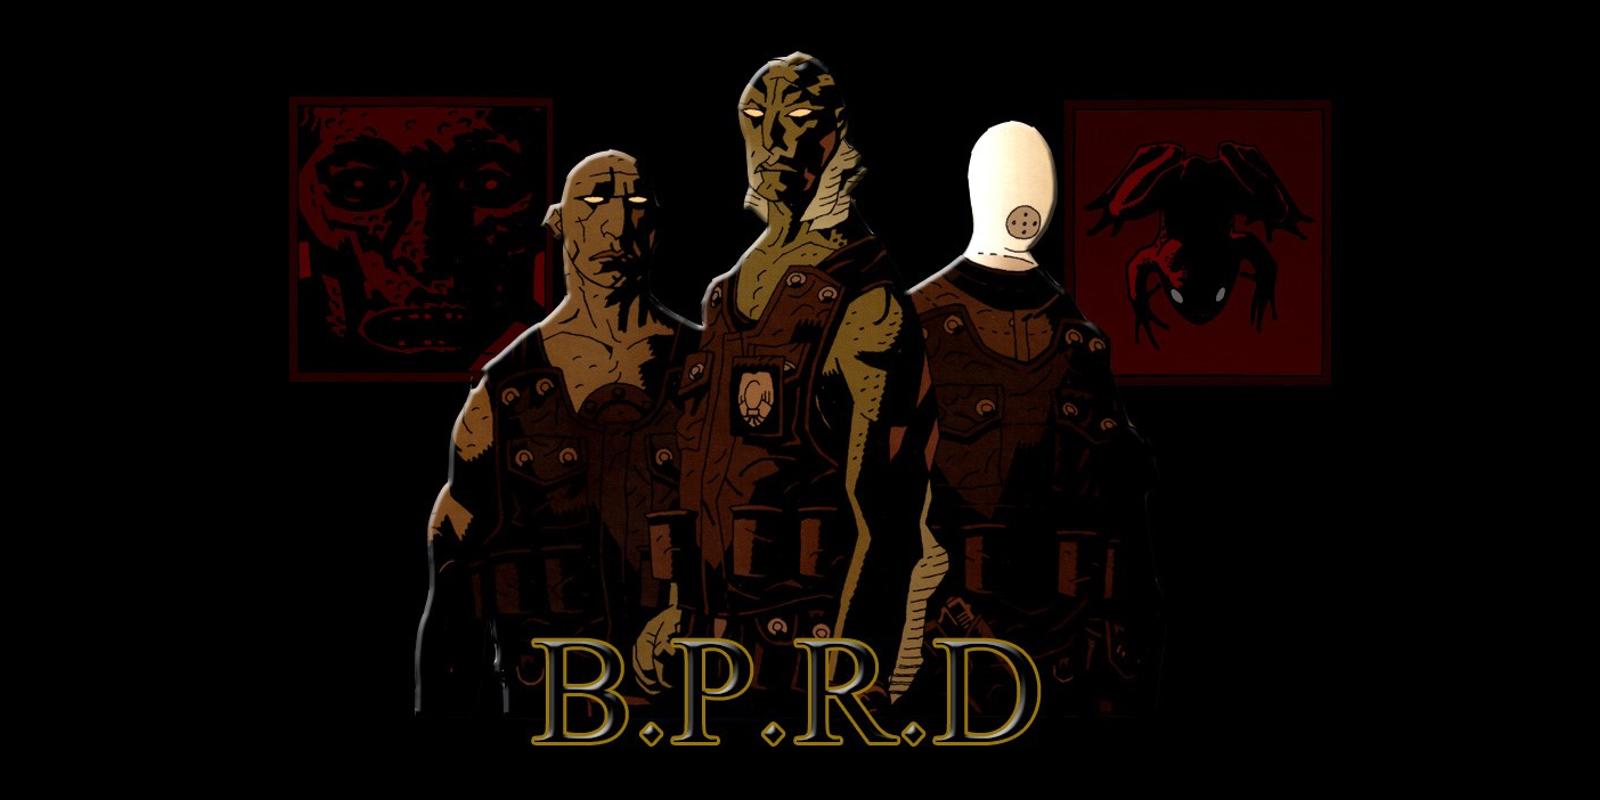 BPRD Hellboy